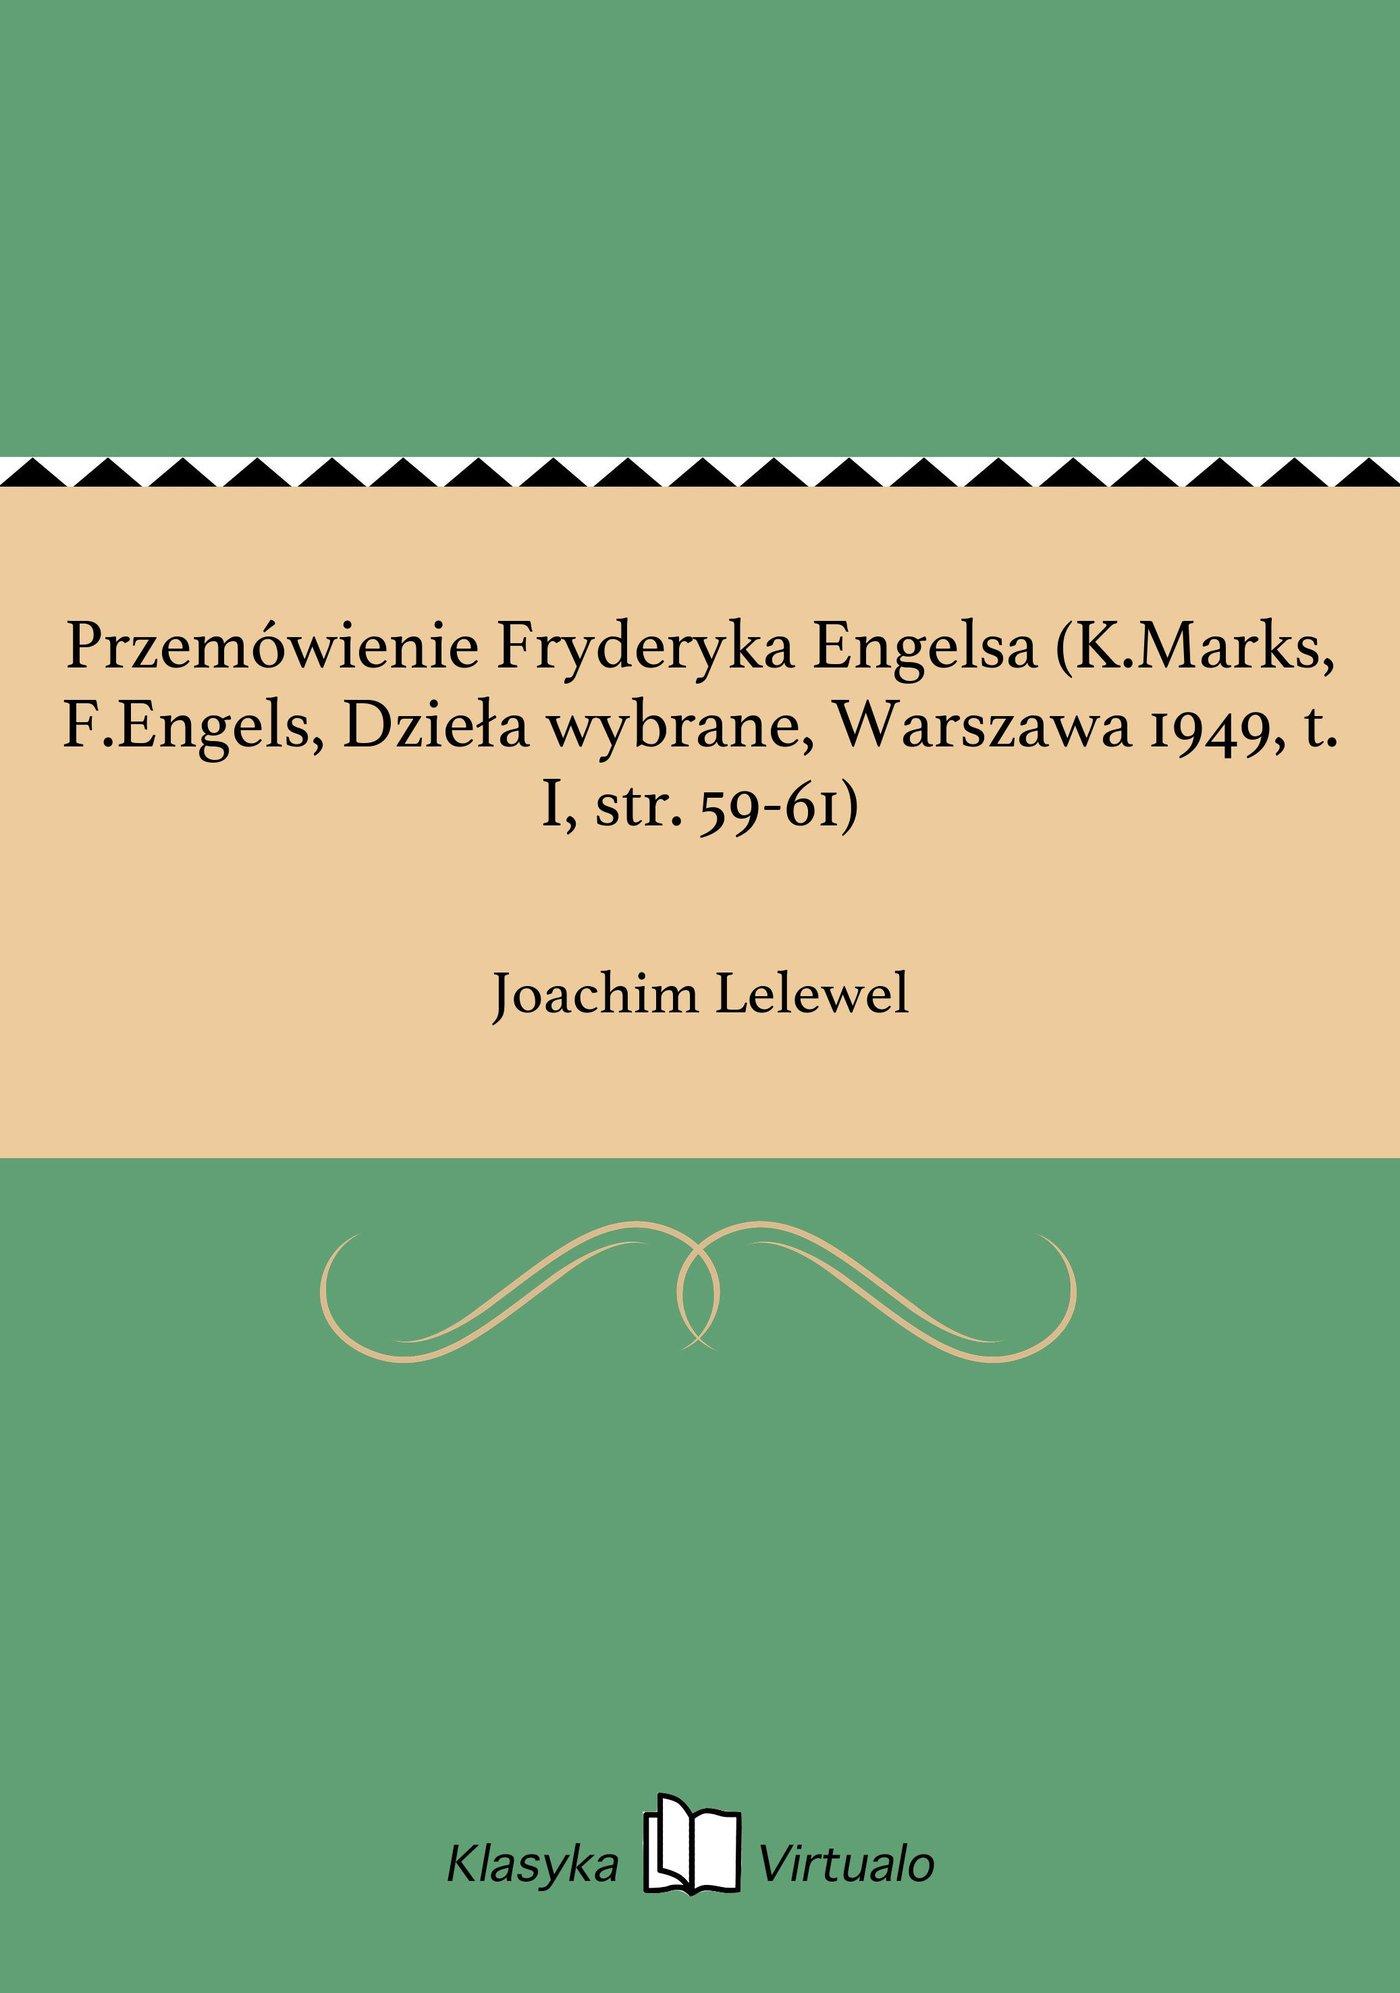 Przemówienie Fryderyka Engelsa (K.Marks, F.Engels, Dzieła wybrane, Warszawa 1949, t. I, str. 59-61) - Ebook (Książka EPUB) do pobrania w formacie EPUB